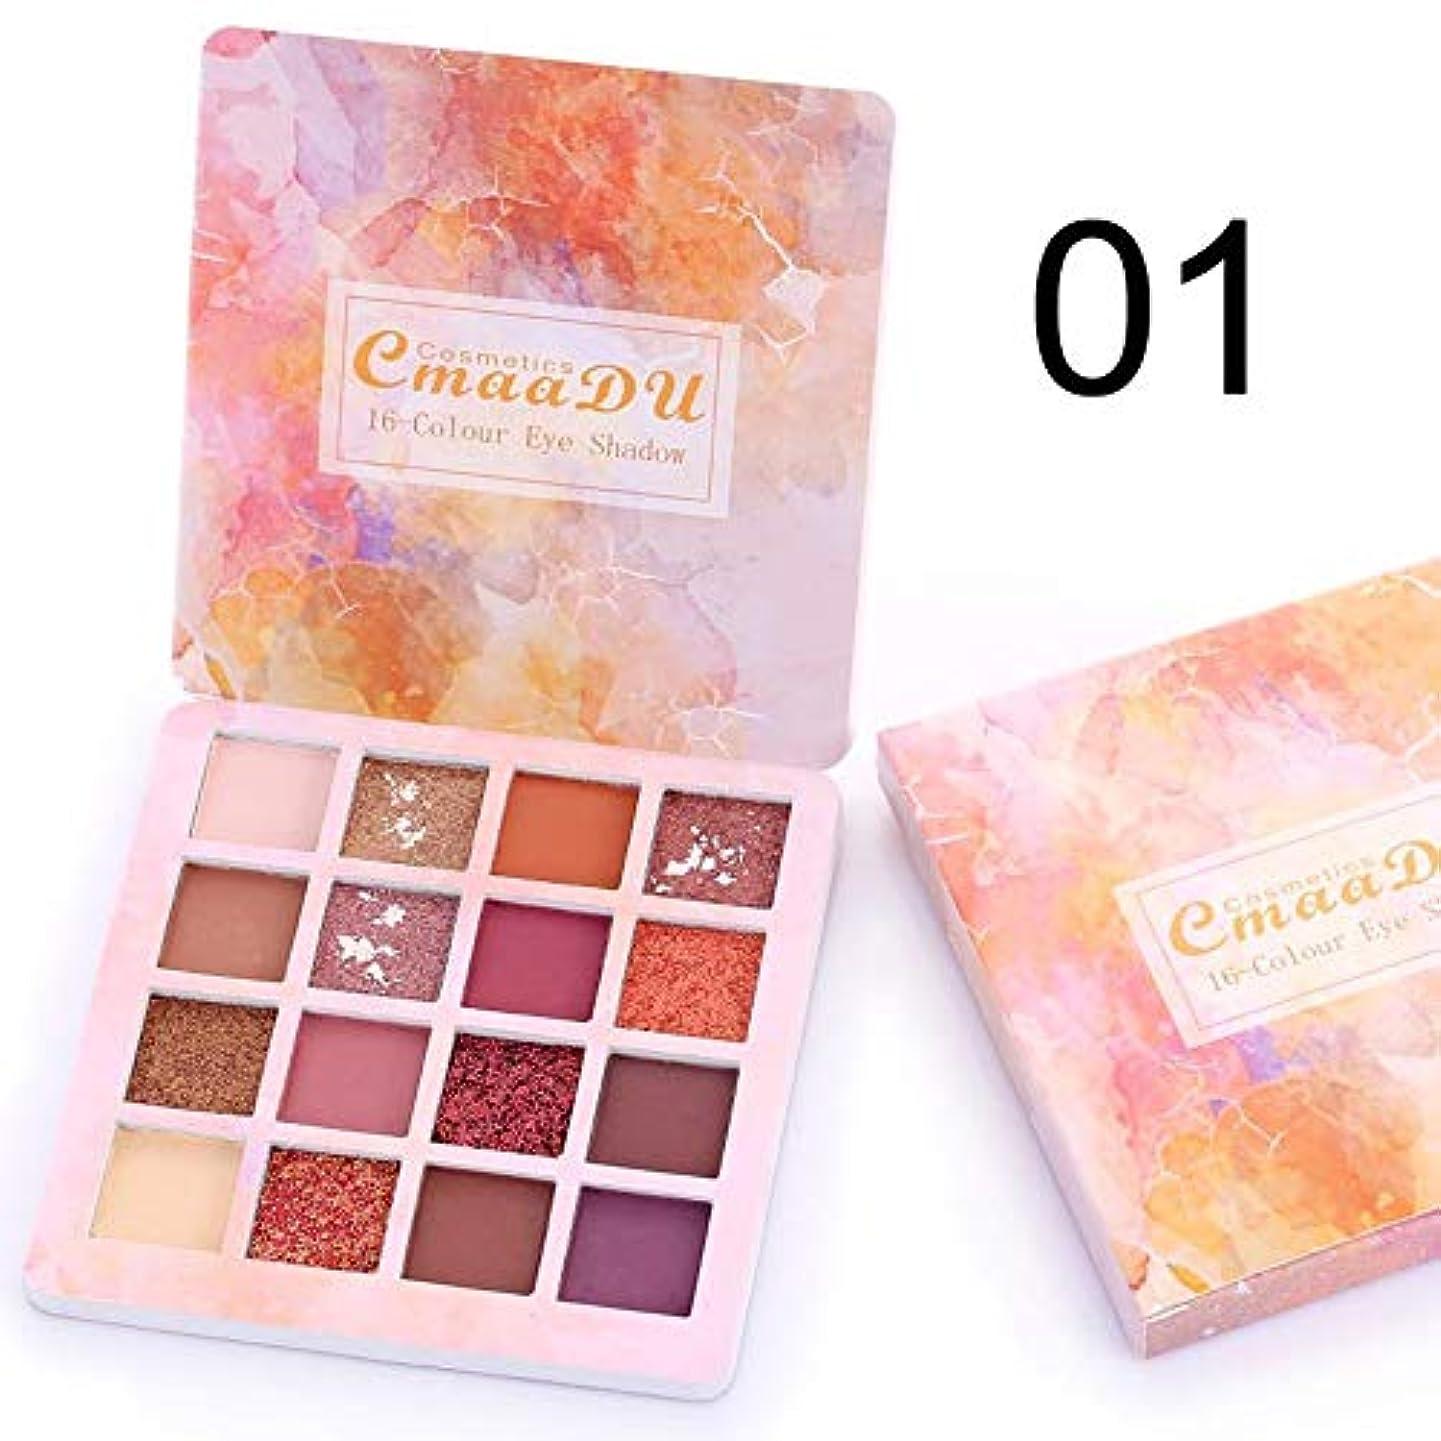 召集する快適証言120色グリッターアイシャドウパレットマットアイシャドウパレットシマーシャインヌードメイクアップパレットセットキット化粧品女性 (Color : 16 Colors)